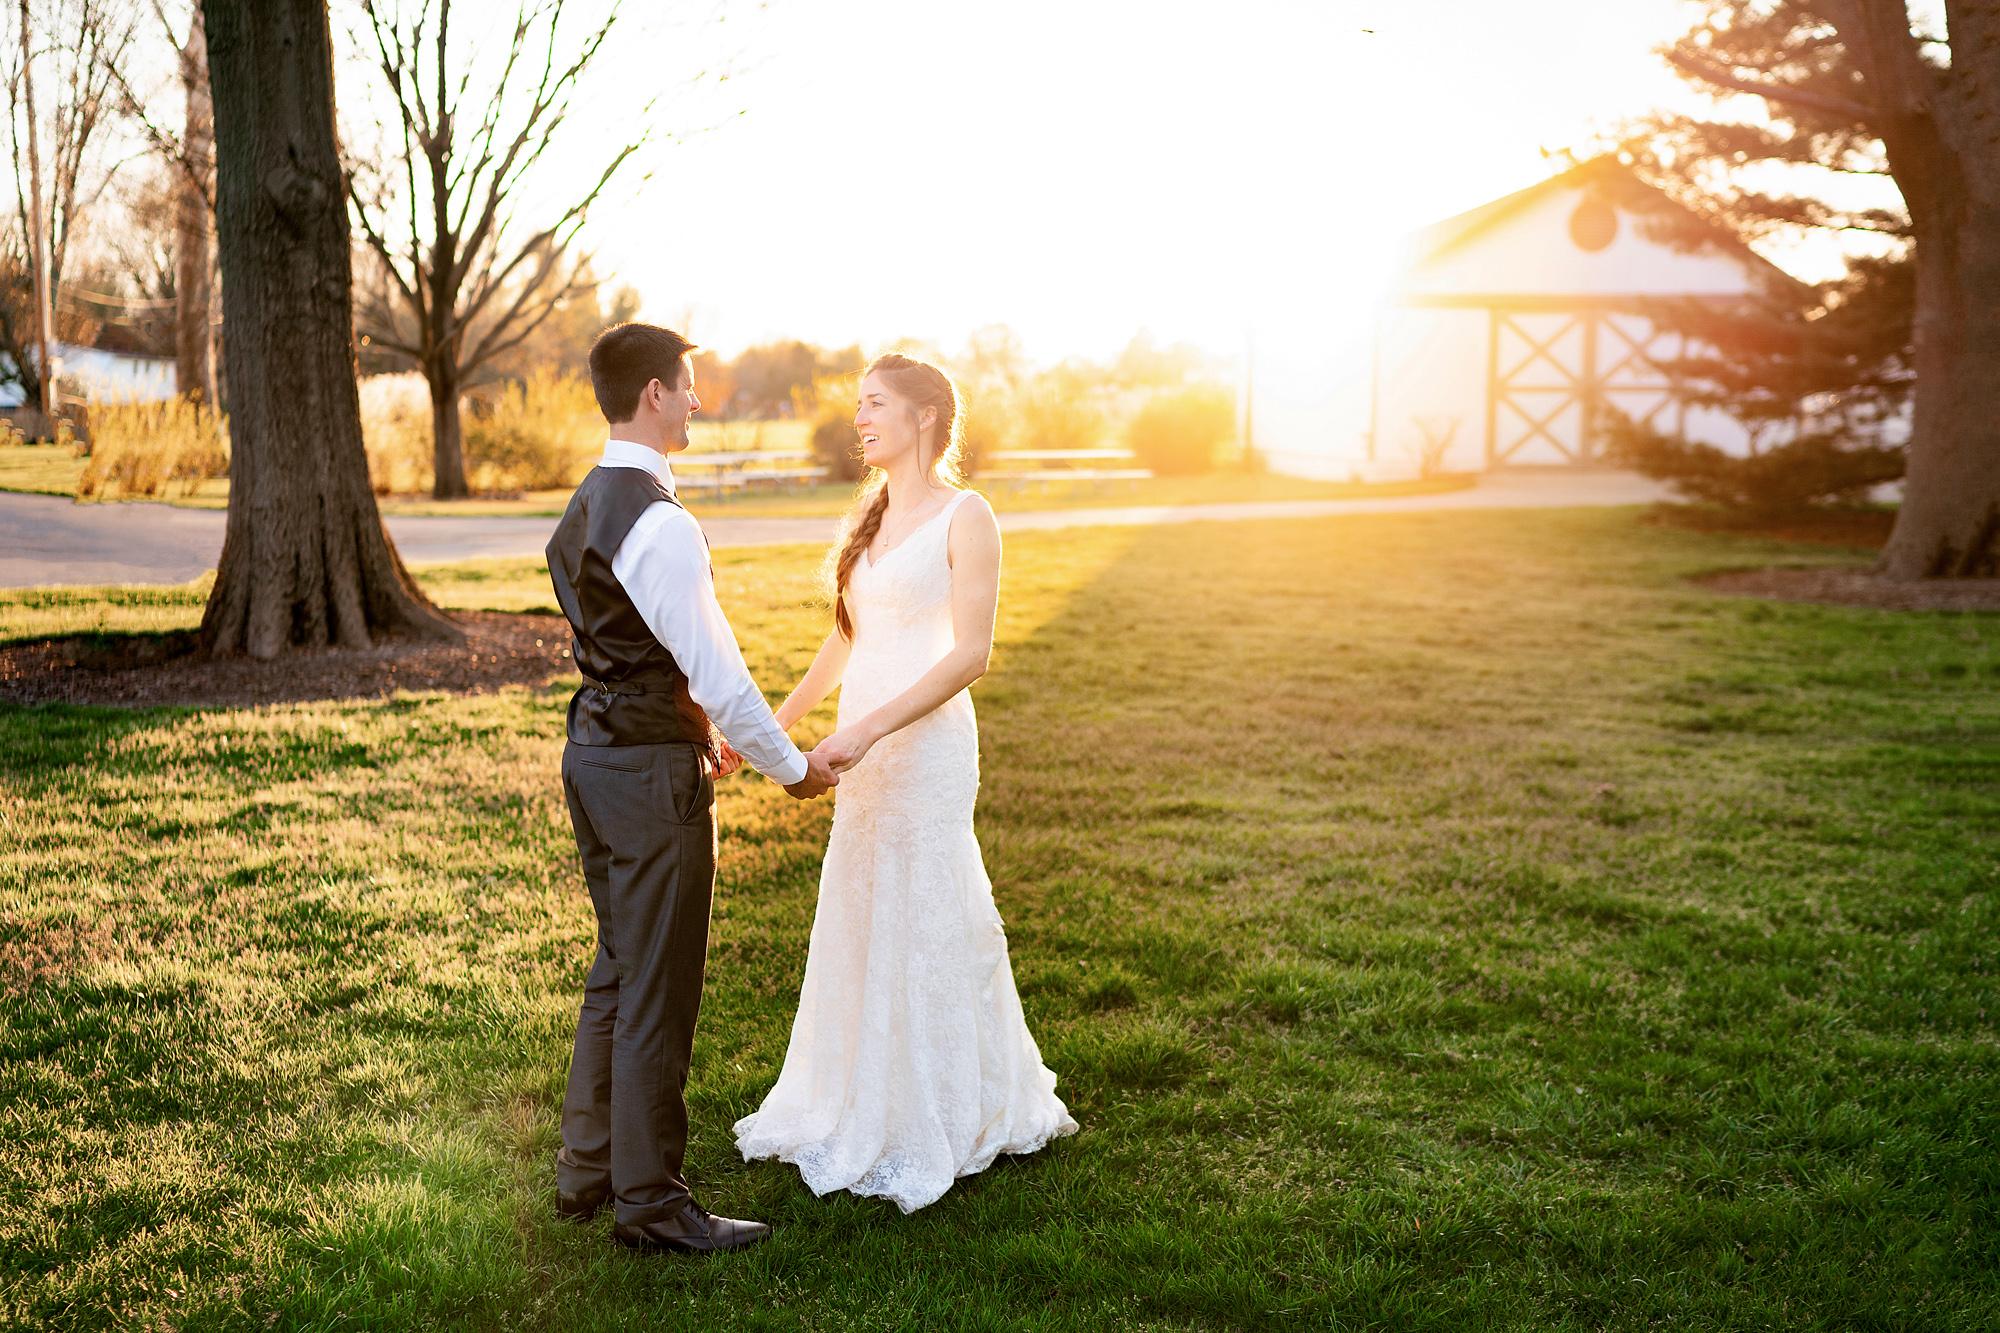 Polen-Farm-Wedding-Photos-12.jpg